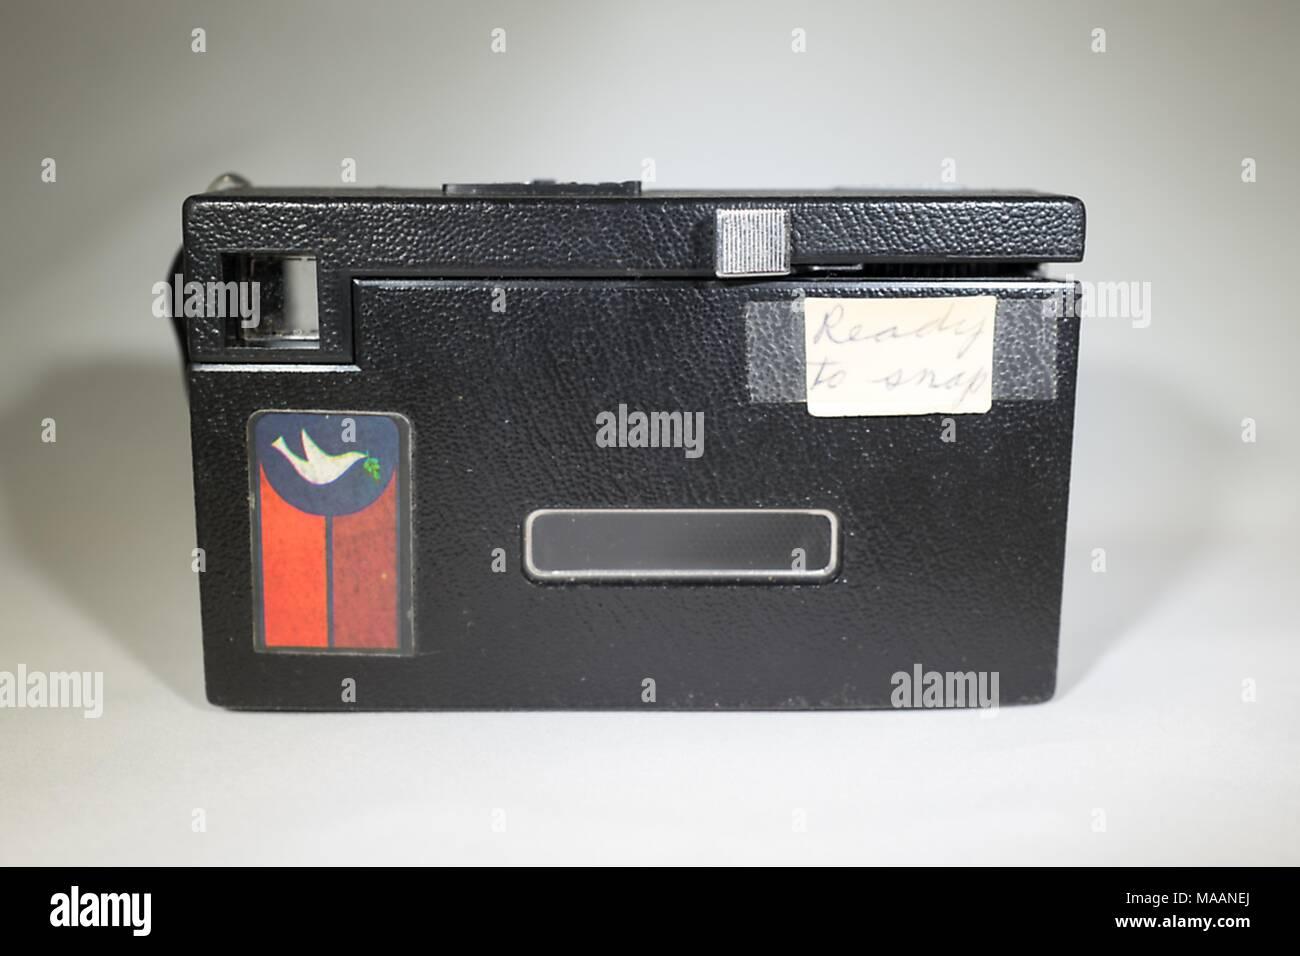 Close-up, vista posteriore di una Kodak Instamatic X-15 telecamera, popolare negli anni settanta, personalizzata con una decalcomania che mostra una colomba che trasporta un ramo di olivo, 5 febbraio 2018. La telecamera utilizzata 126 cartucce di pellicola ed è stato offerto con una vasta gamma di etichette, consentendo agli utenti di personalizzare le telecamere per la loro politica o cause sociali. () Immagini Stock